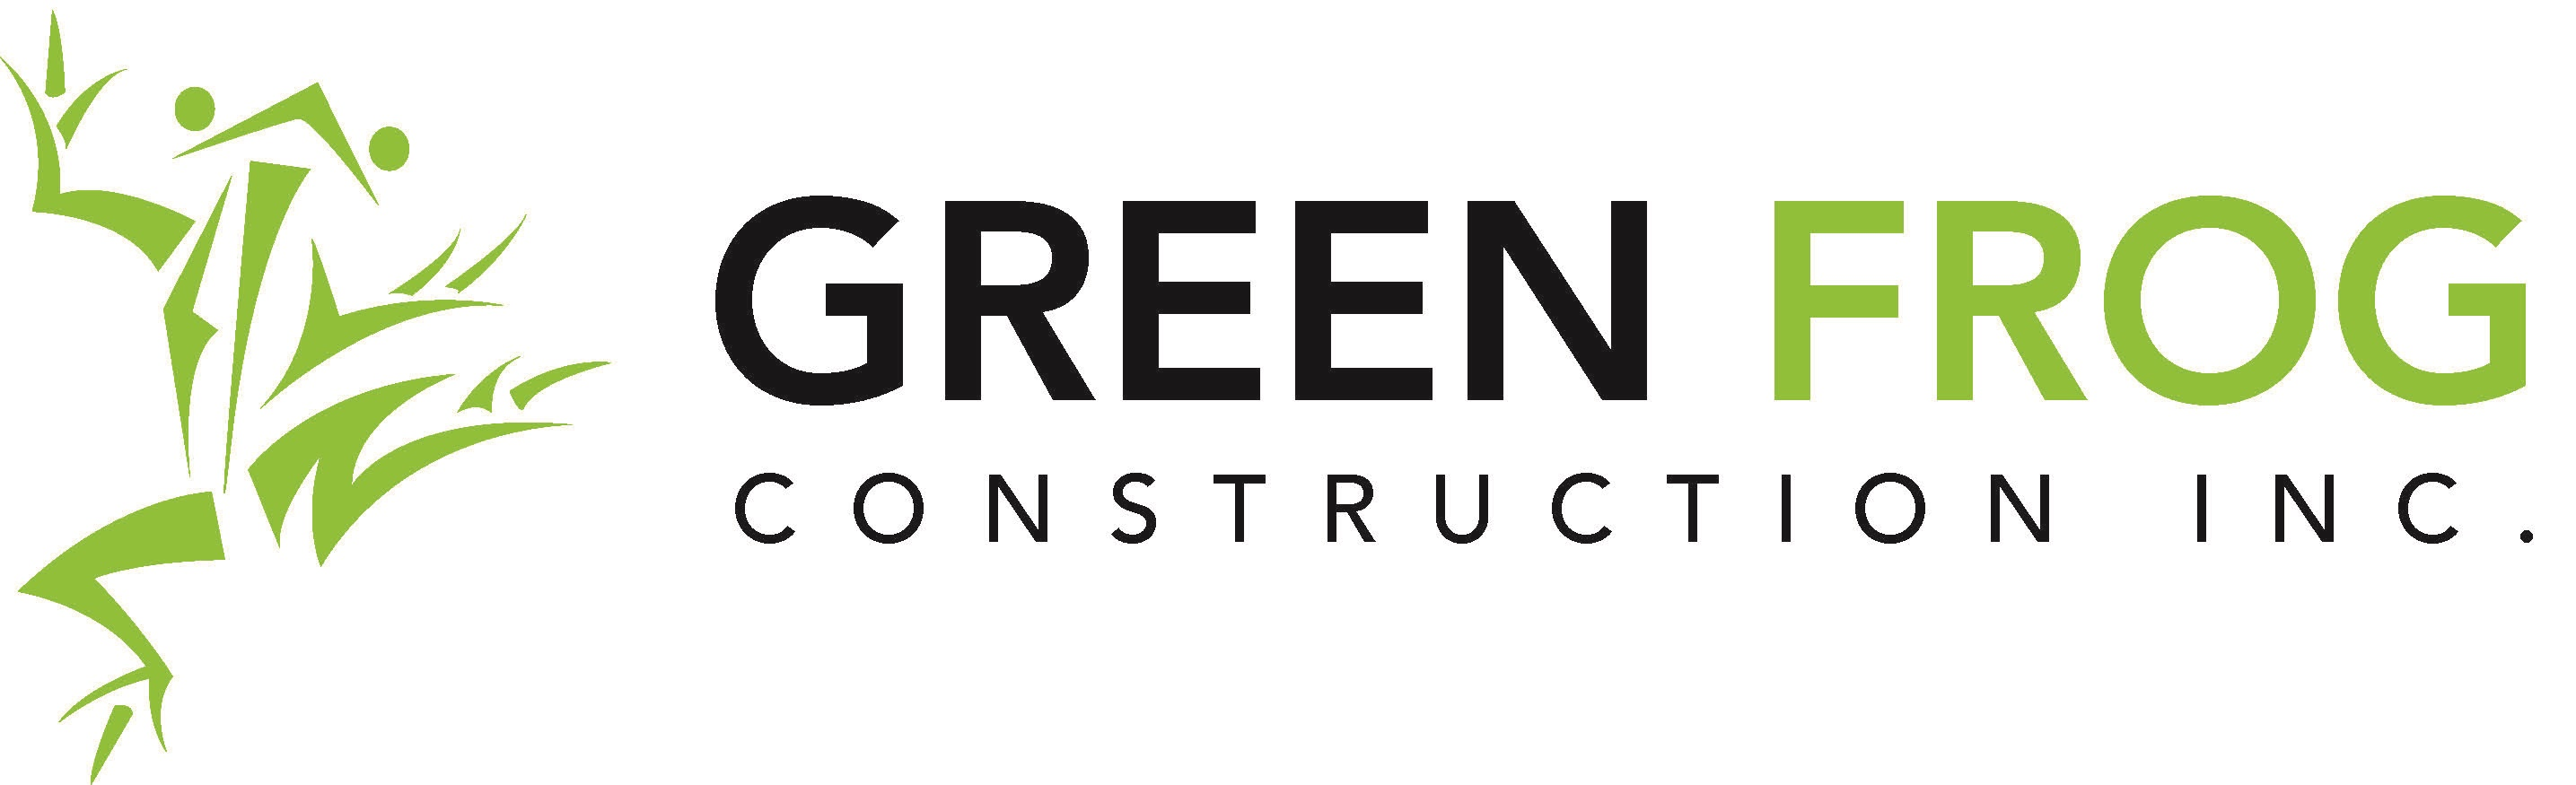 Greenfrog Construction 6jul18